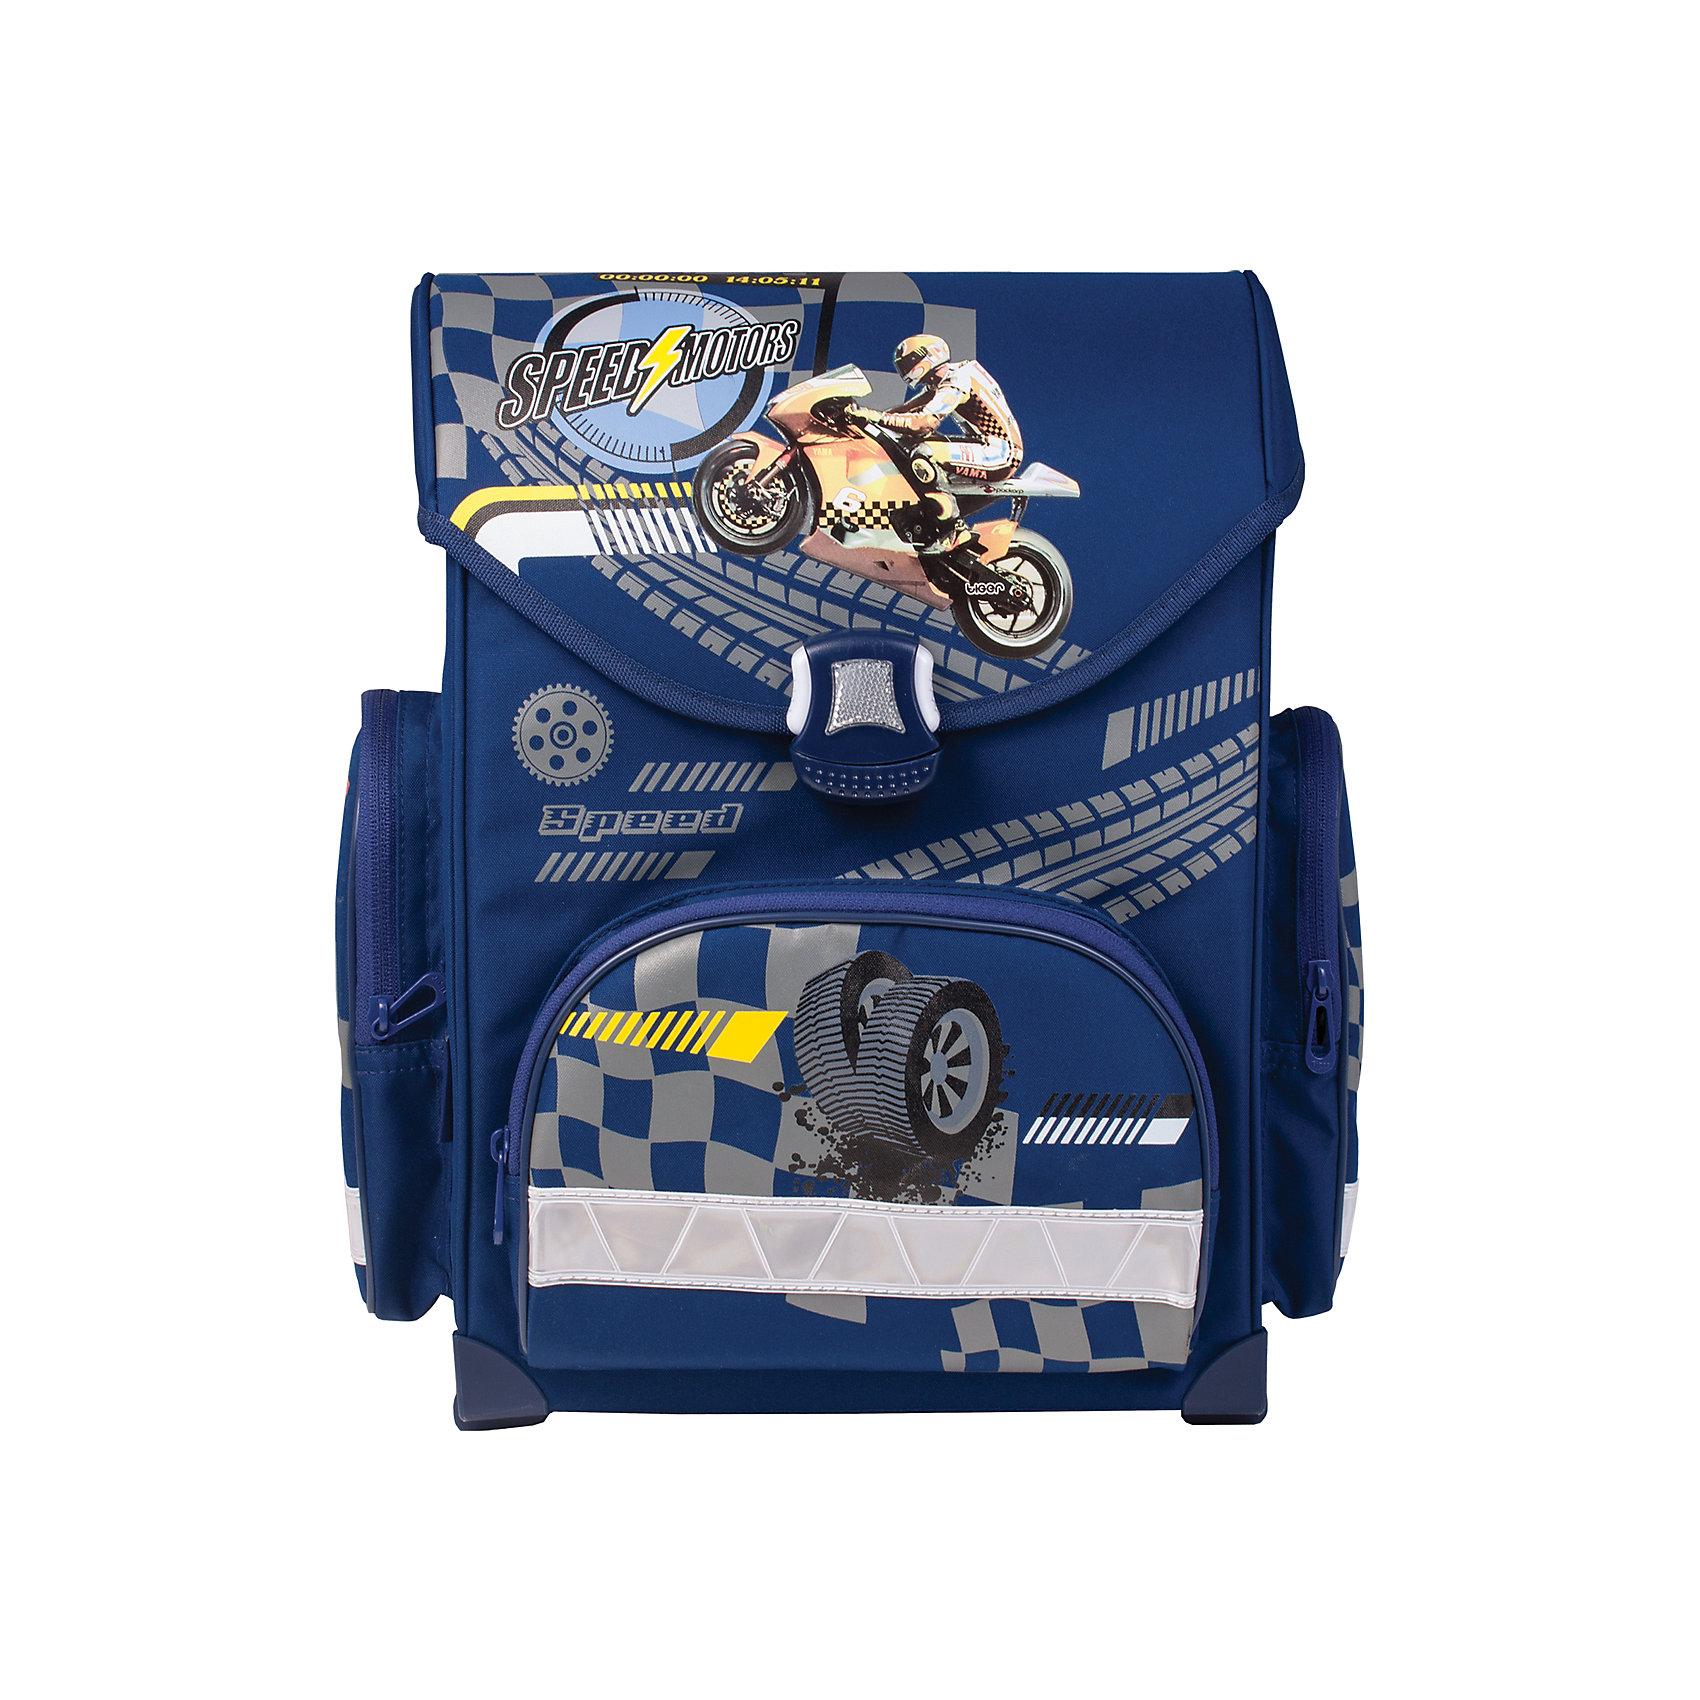 Ранец МотоциклХотите чтобы ваш сын собирался в школу быстро и с удовольствием? Подарите ему мотоцикл, яркий и объемный, на его новом ранце из прочного материала с удобной застежкой и комфортной спинкой.<br><br>Особенности:<br>- 1 отделение, 3 кармана;<br>- Прорезиненное дно;<br>- Формоустойчивая вентилируемая спинка;<br>- Широкие регулируемые лямки;<br>- Светоотражающие элементы;<br>- Водоотталкивающая ткань.<br><br>Дополнительная информация: <br><br>- Размер - 37х34х20 см.<br>- Объем - 14 л.<br>- Размер упаковки: 20х30х35 см.<br>- Вес в упаковке: 1,150 кг.<br><br>Ранец Мотоцикл можно купить в нашем магазине.<br><br>Ширина мм: 200<br>Глубина мм: 300<br>Высота мм: 350<br>Вес г: 1150<br>Возраст от месяцев: 72<br>Возраст до месяцев: 120<br>Пол: Мужской<br>Возраст: Детский<br>SKU: 4792802